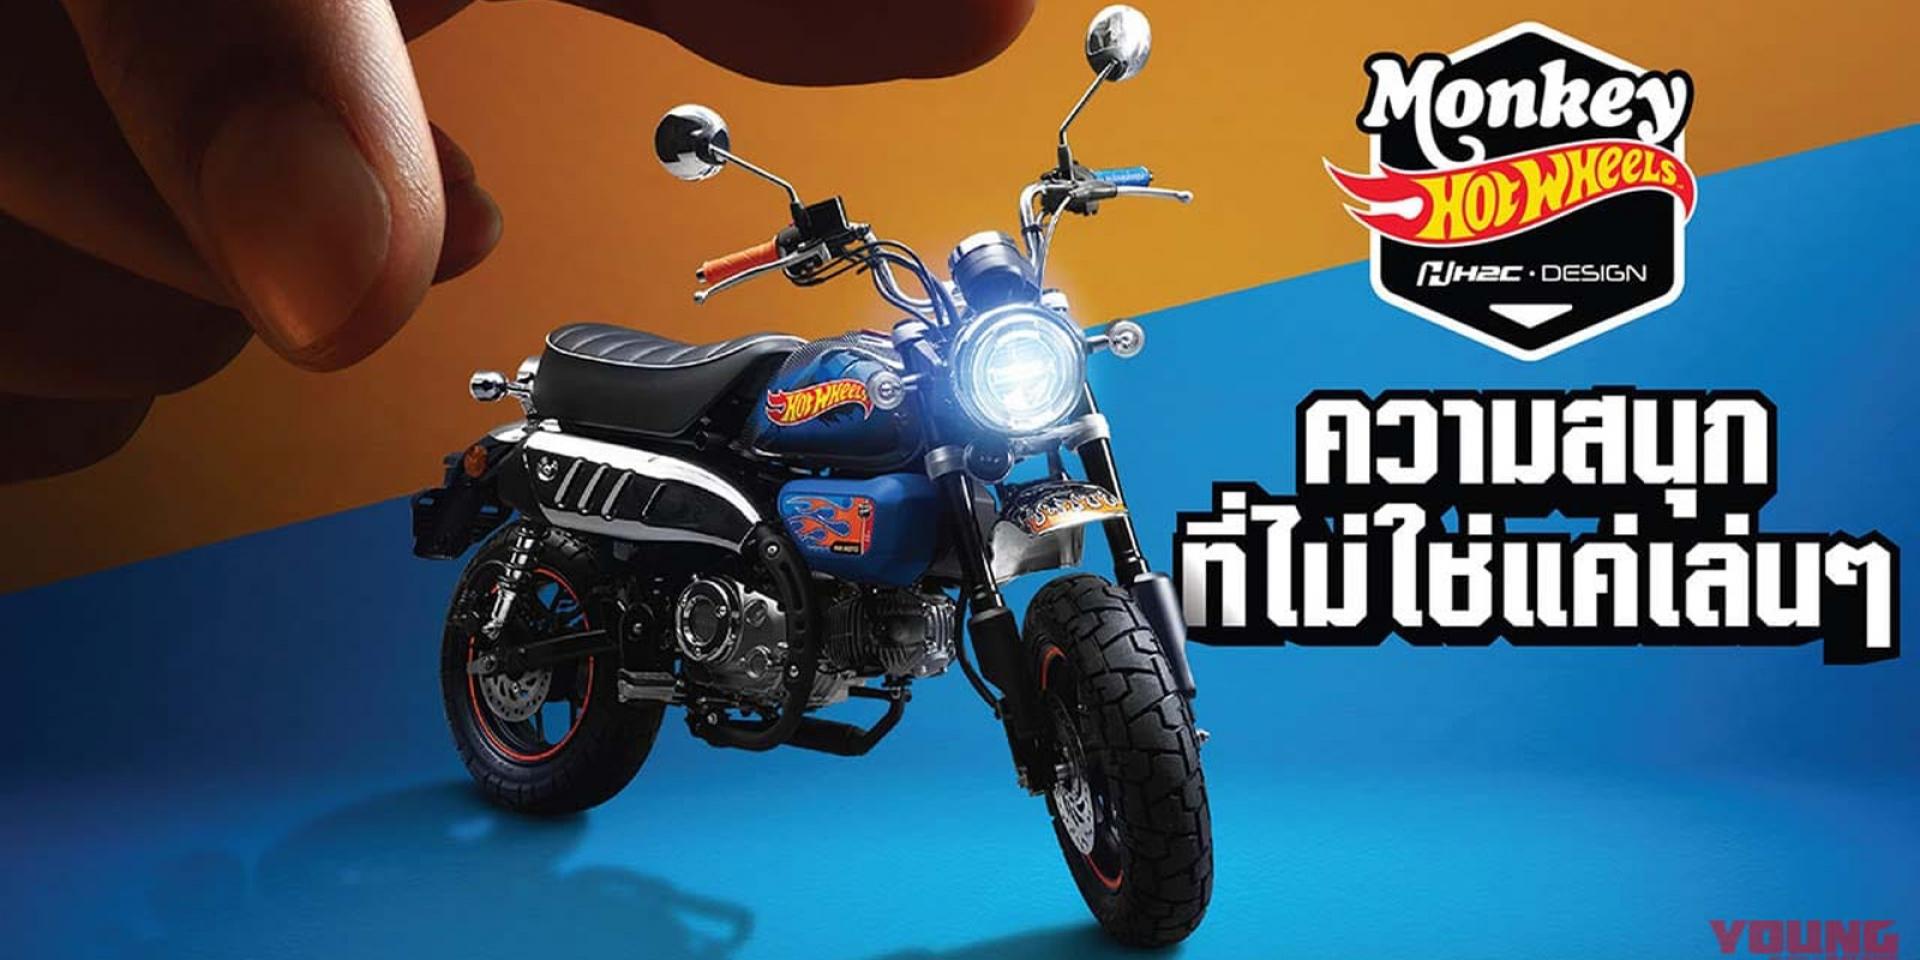 風火輪聯名款!HONDA Monkey 125 x Hot Wheels 風火輪特仕版 限量150台泰國發售